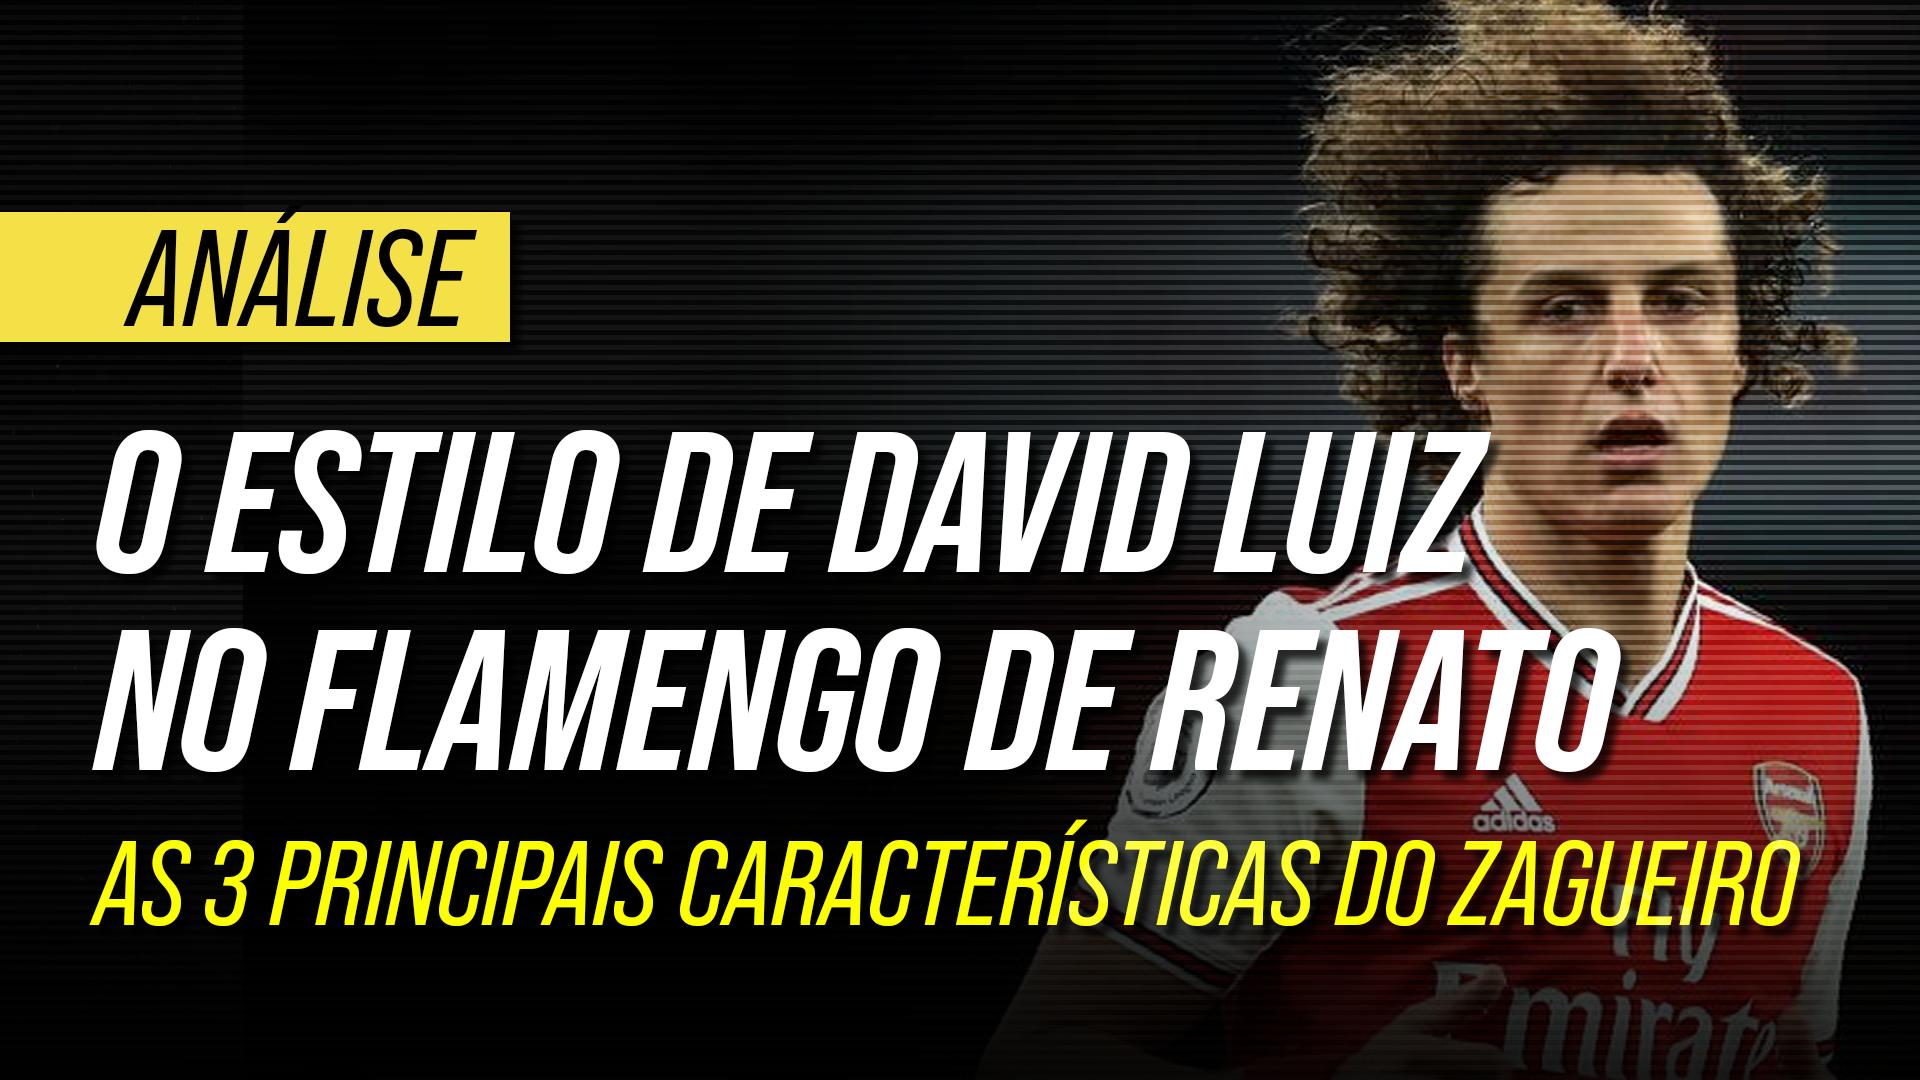 Como David Luiz se encaixa no Flamengo de Renato: análise tática do novo zagueiro rubro-negro